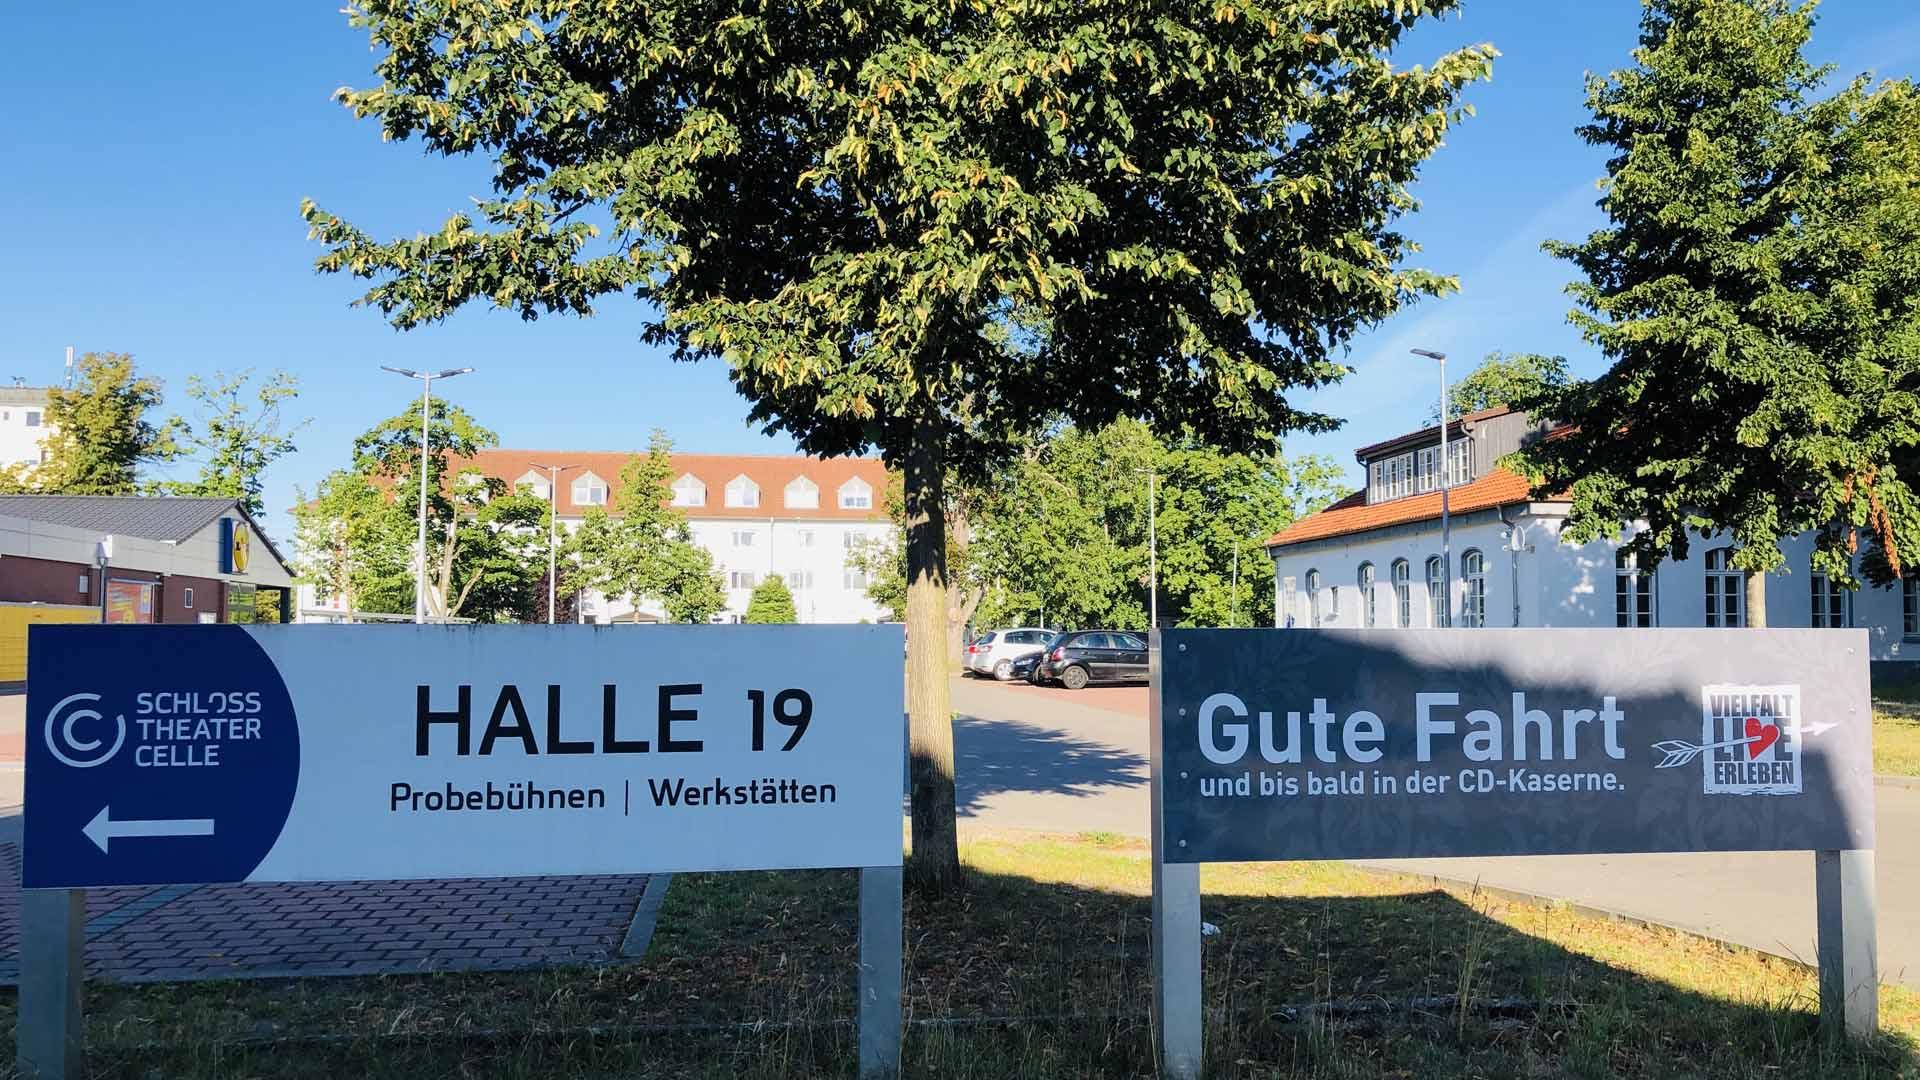 celle-veranstaltungen-halle19-3